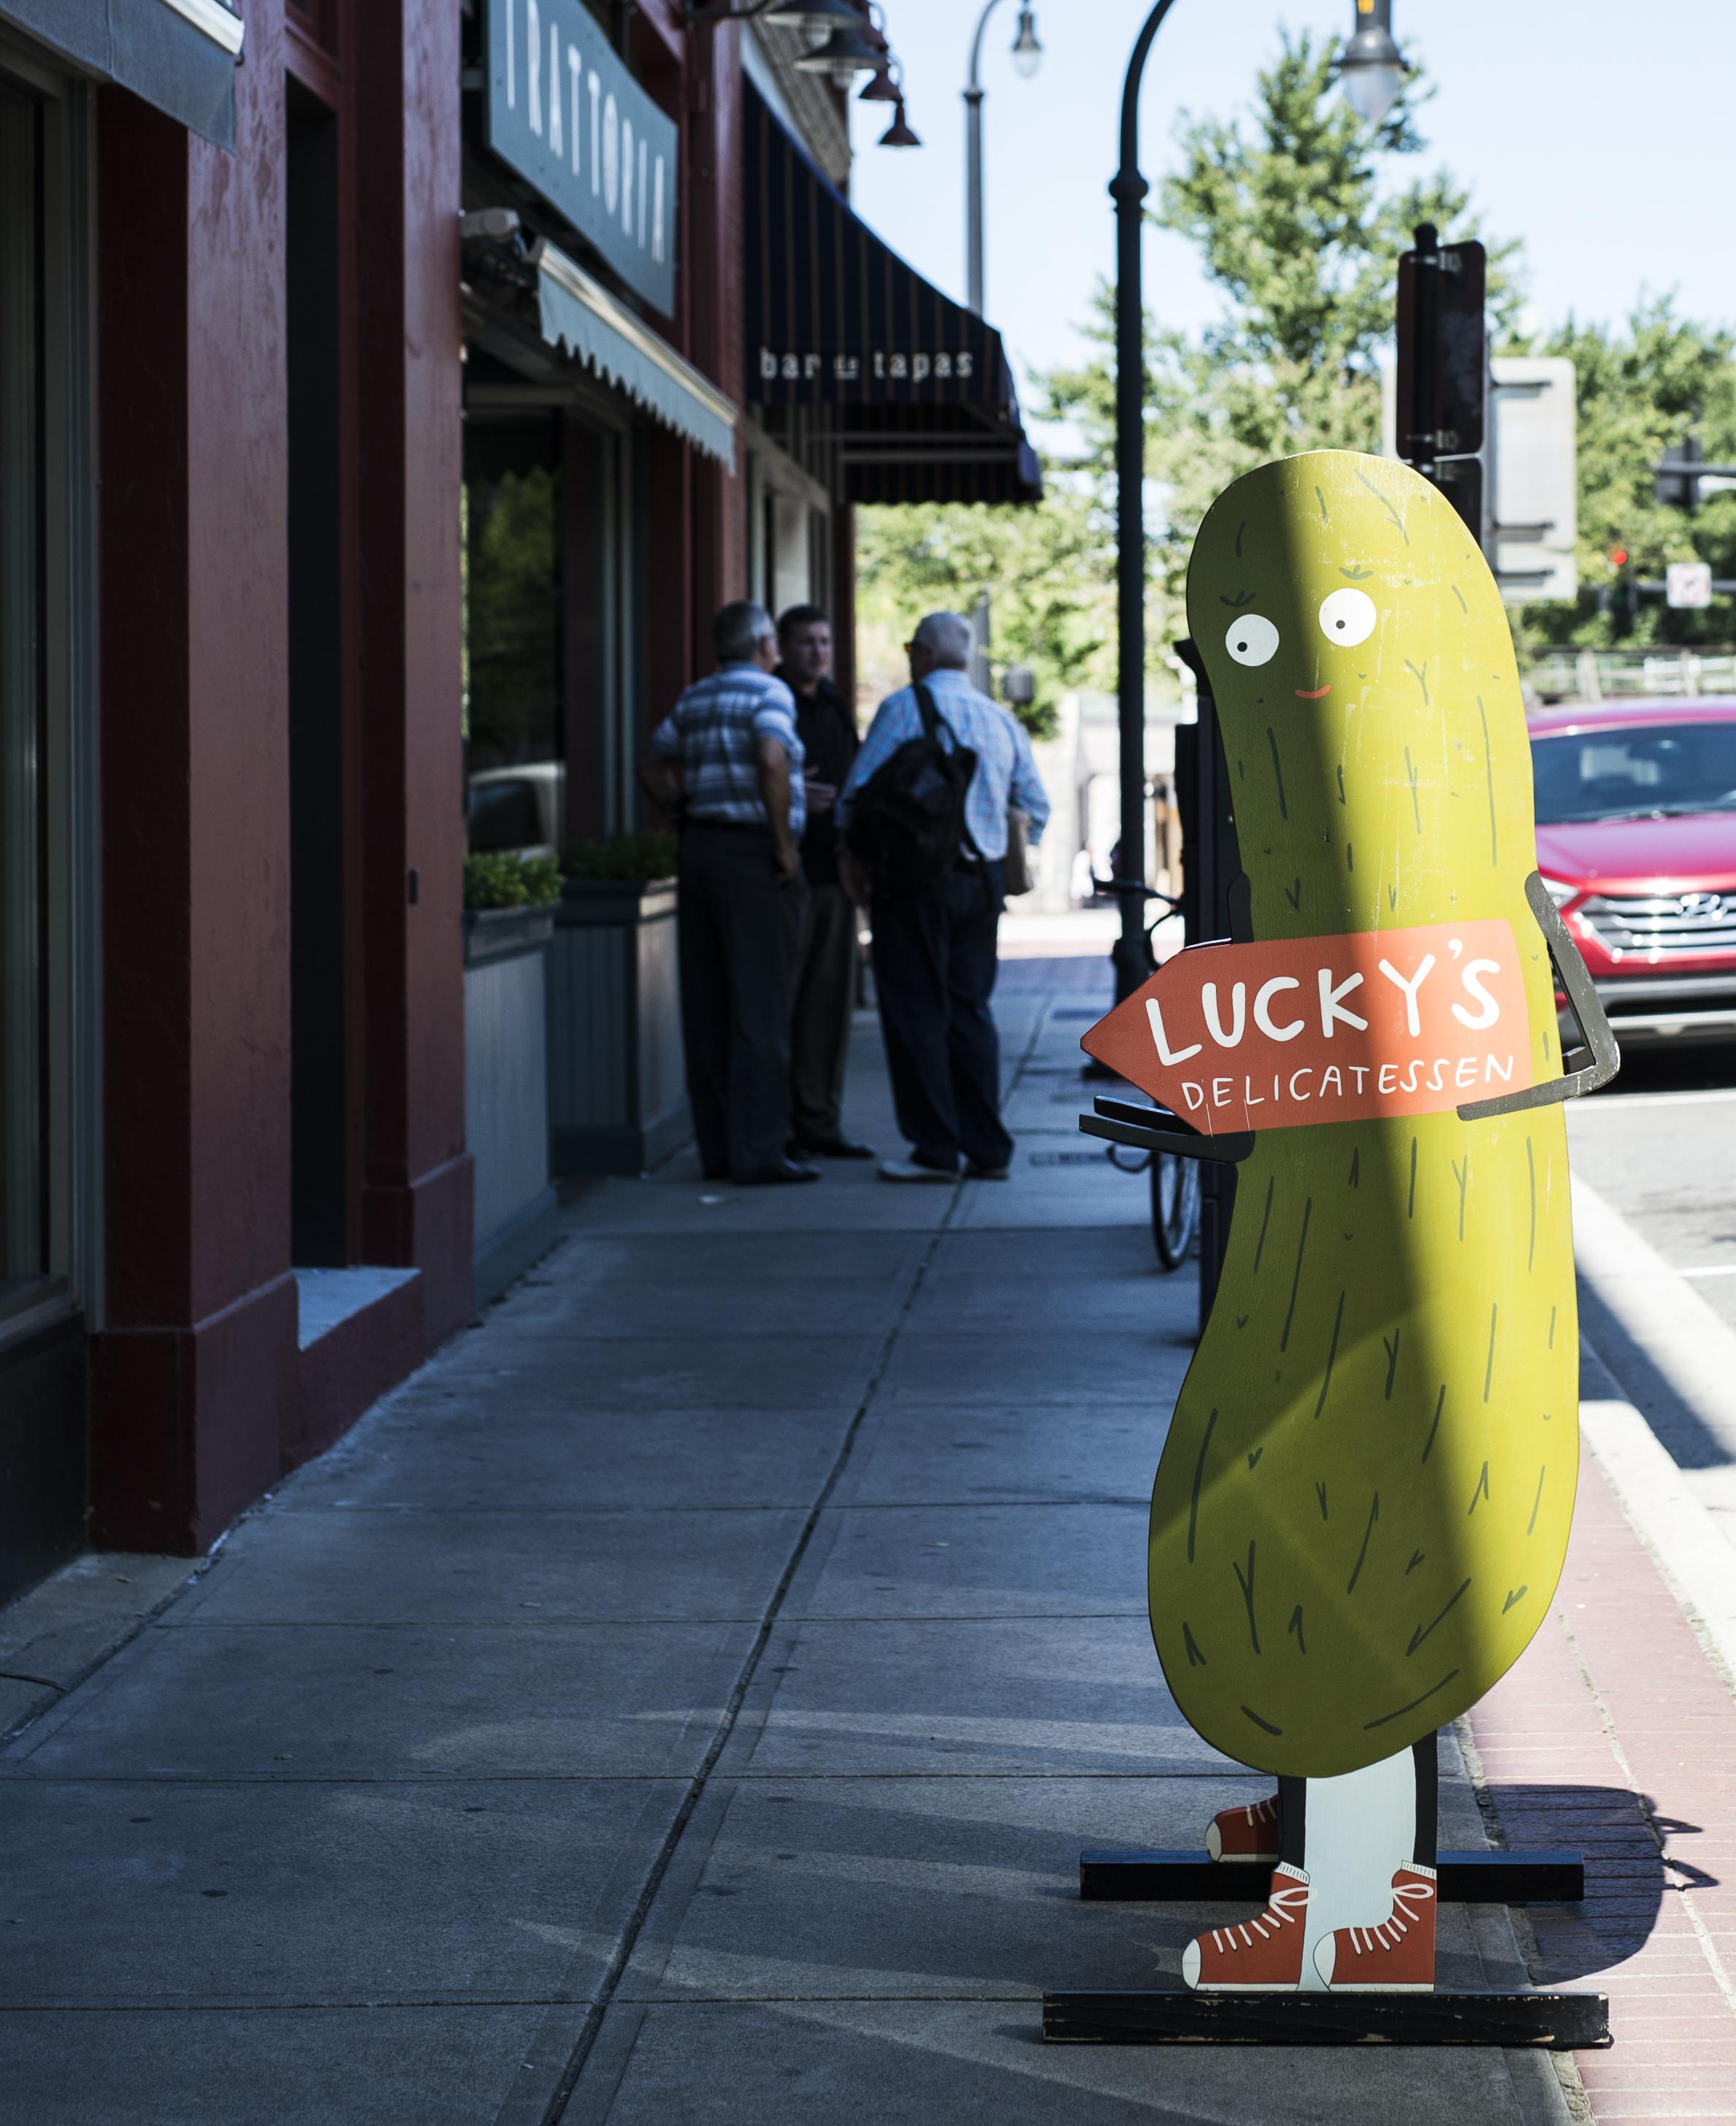 Durham_LuckysDeliPickleontheStreet_6282017.jpg